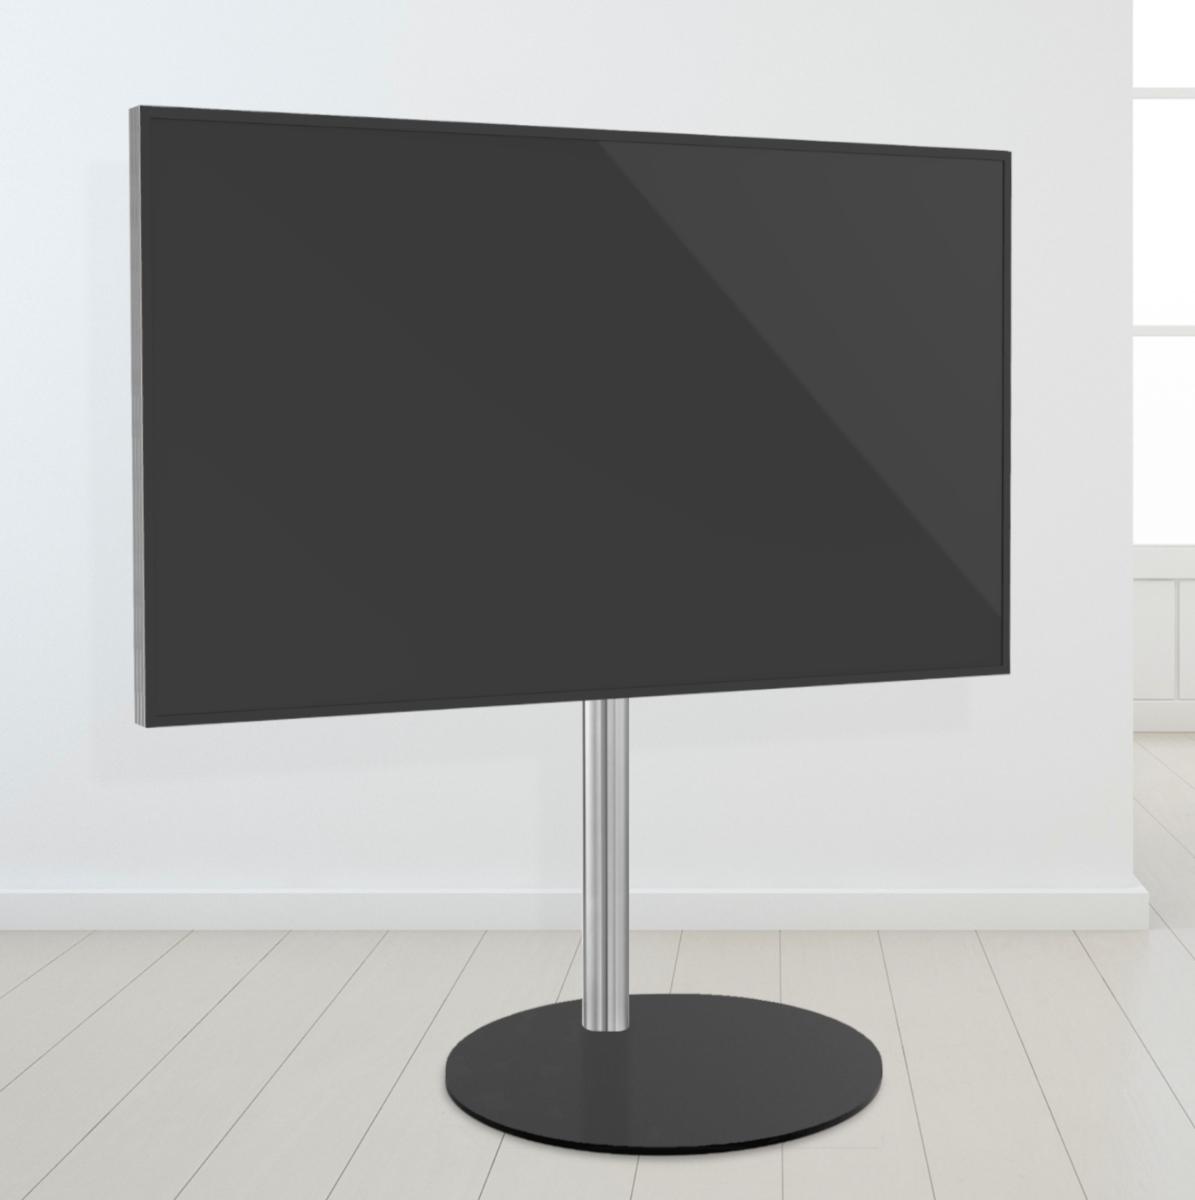 TV VLOERSTANDAARD CAVUS SPHERE100 Trendy Staal & RVS